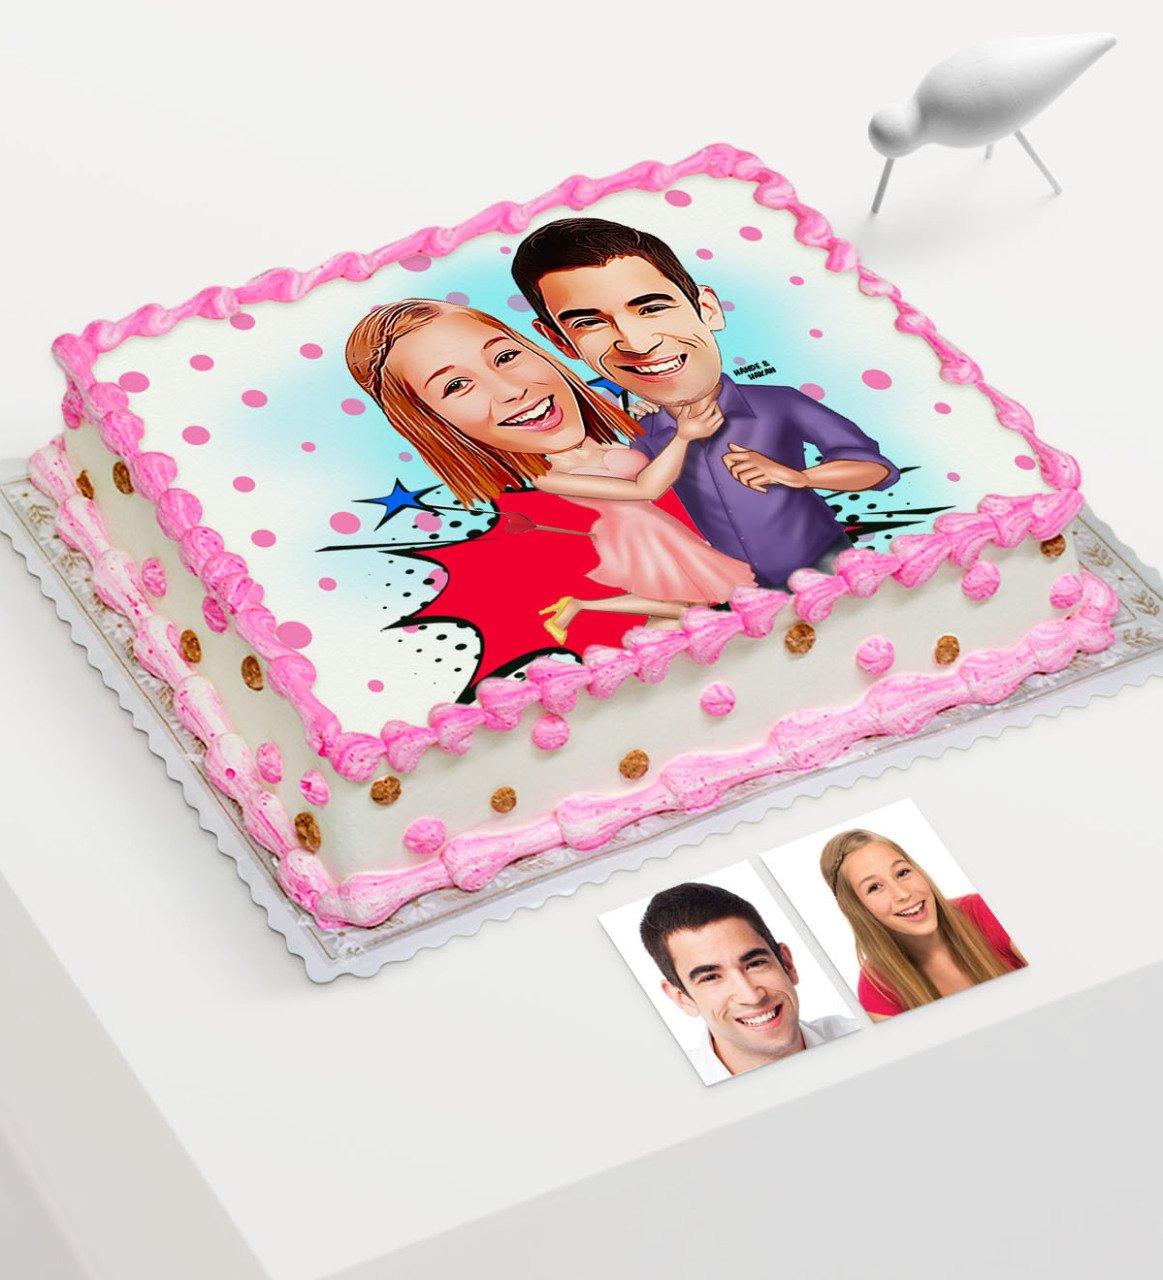 Torta de la edad impresa de dibujos animados de San Valentín personalizada para el azúcar comestible, papel-3